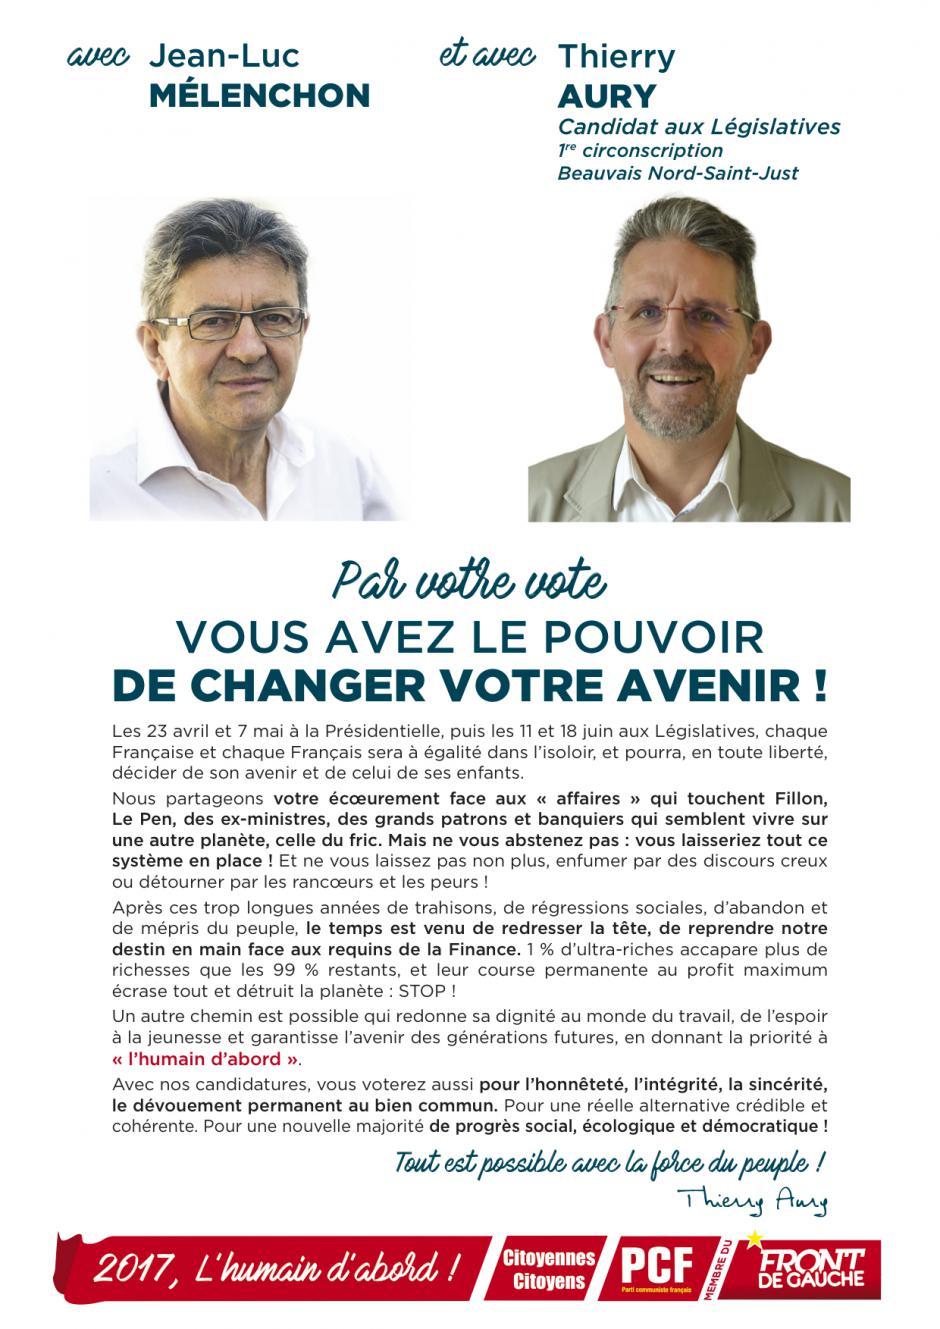 Tract « Avec Jean-Luc Mélenchon et avec Thierry Aury, par votre vote, vous avez le pouvoir de changer votre avenir » - 1re circonscription de l'Oise, 7 avril 2017